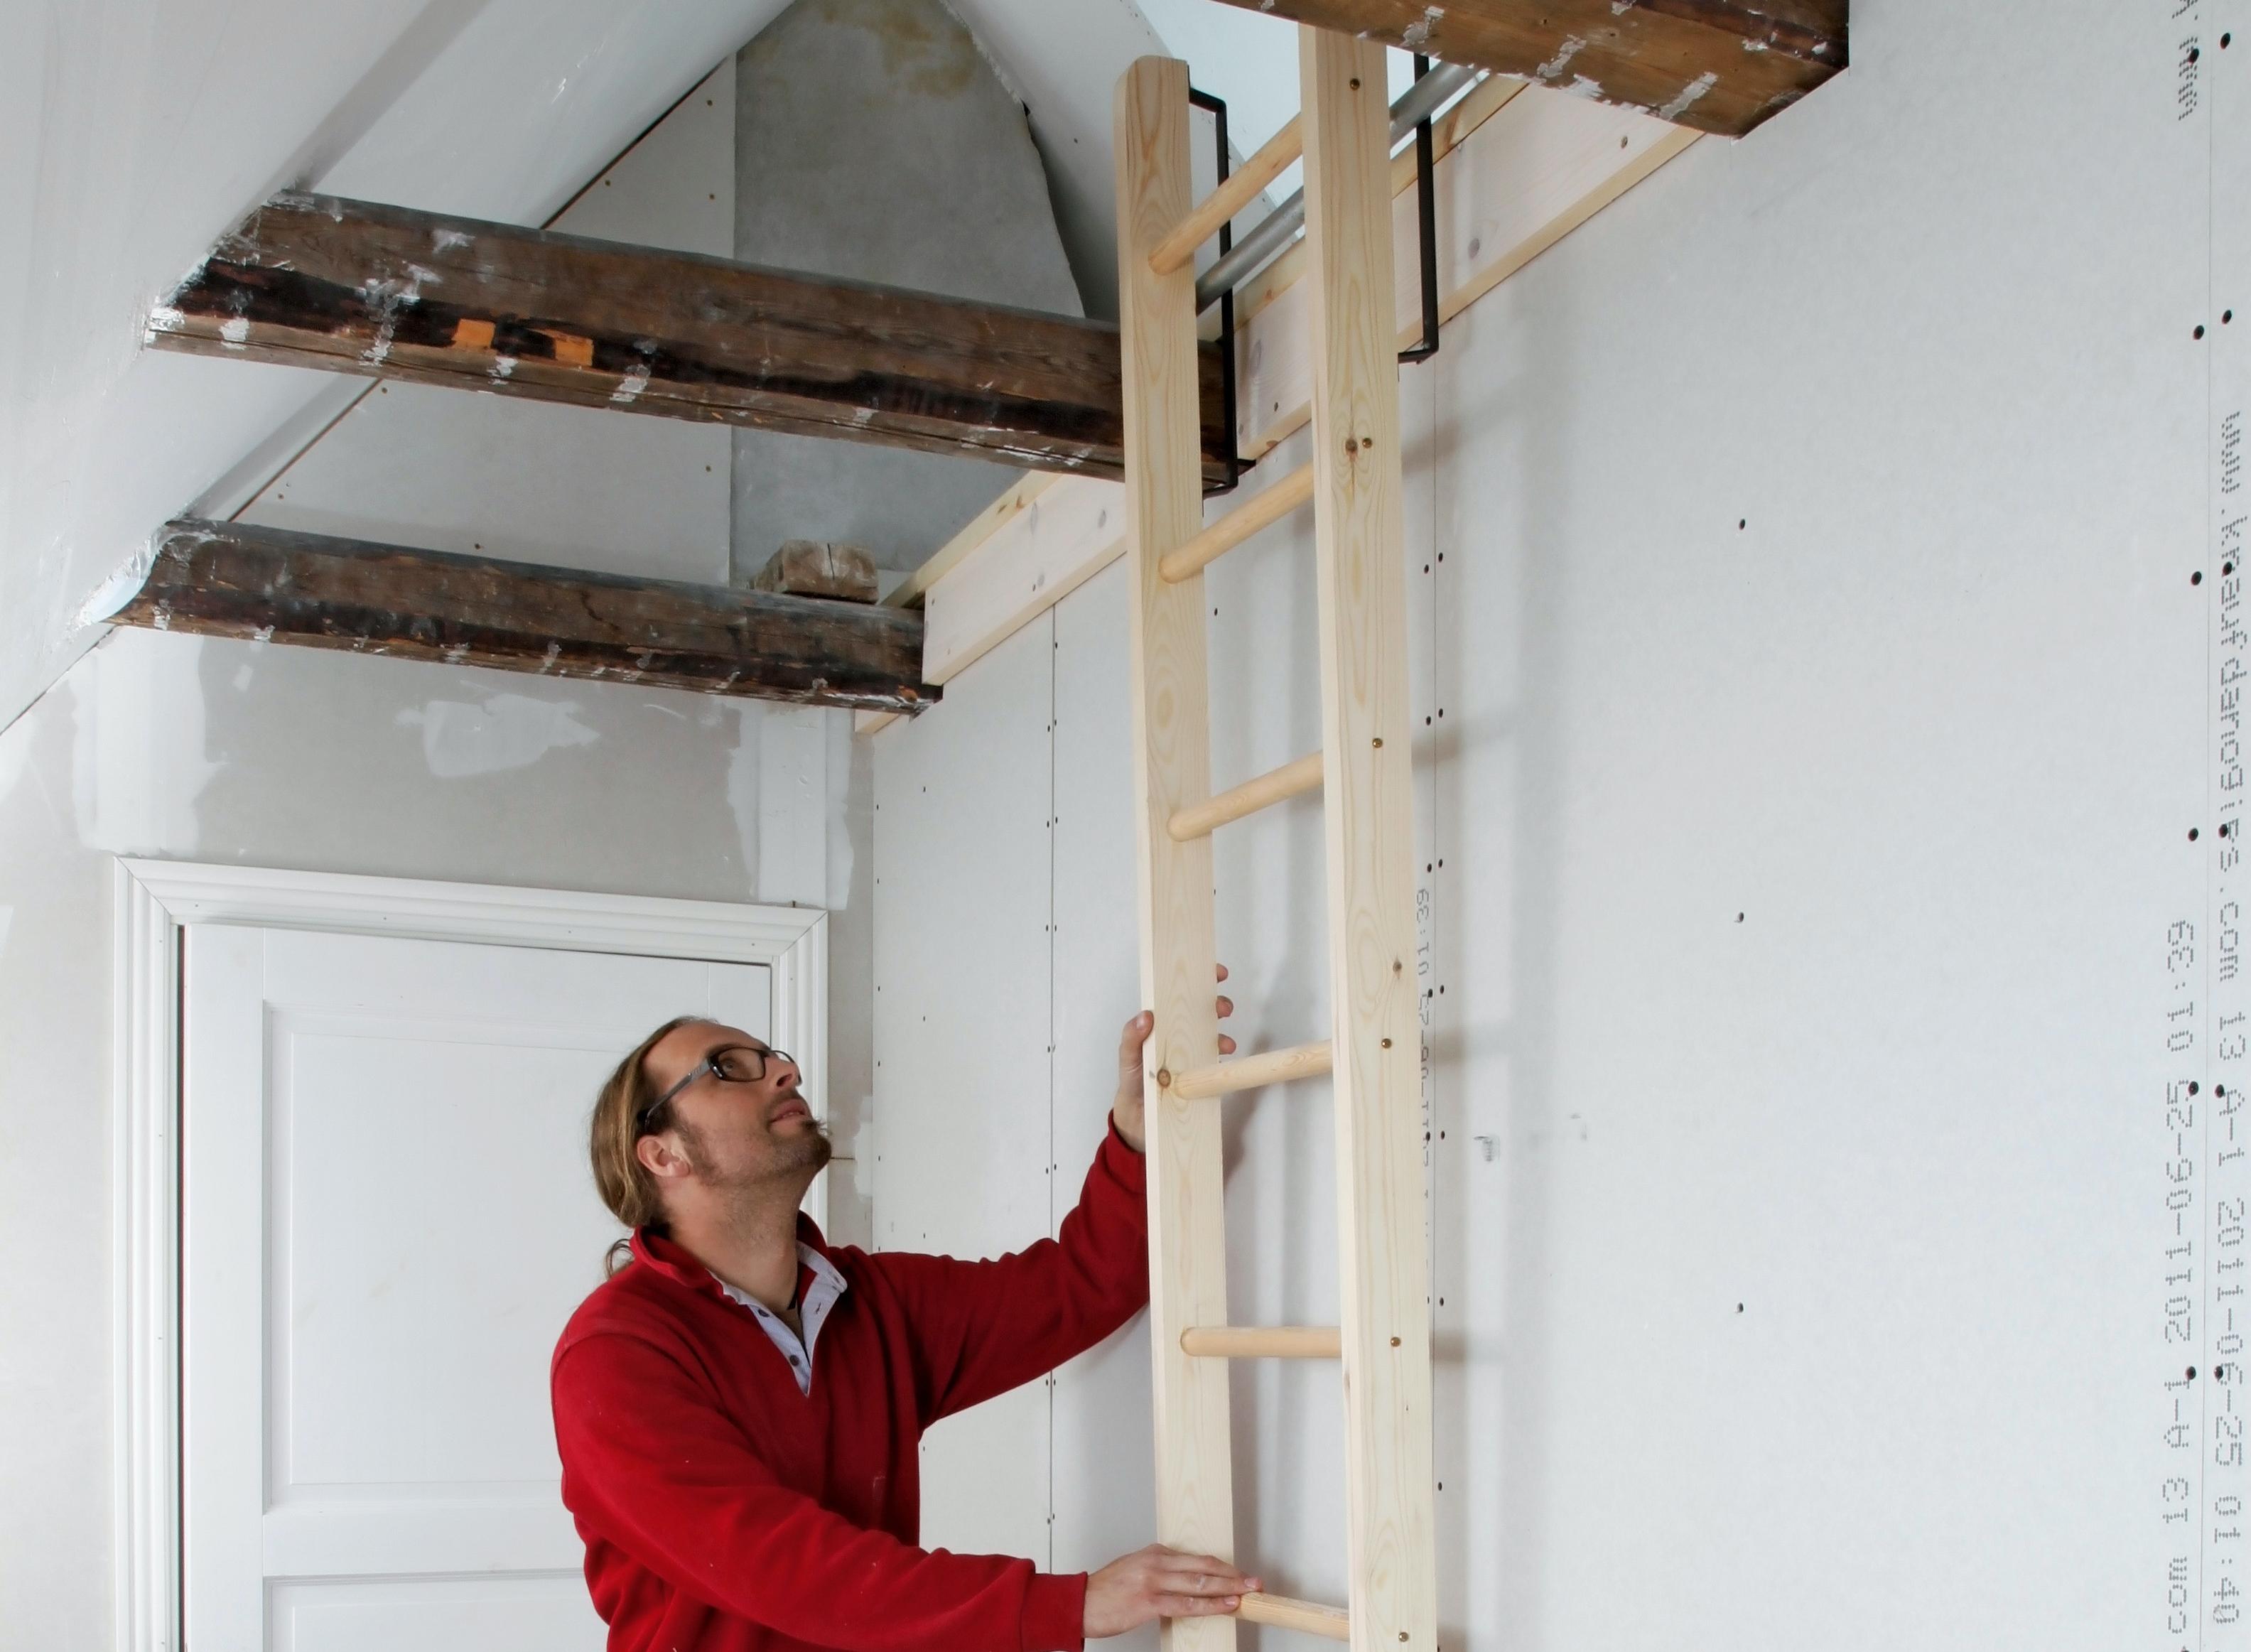 hänga upp stege på vägg